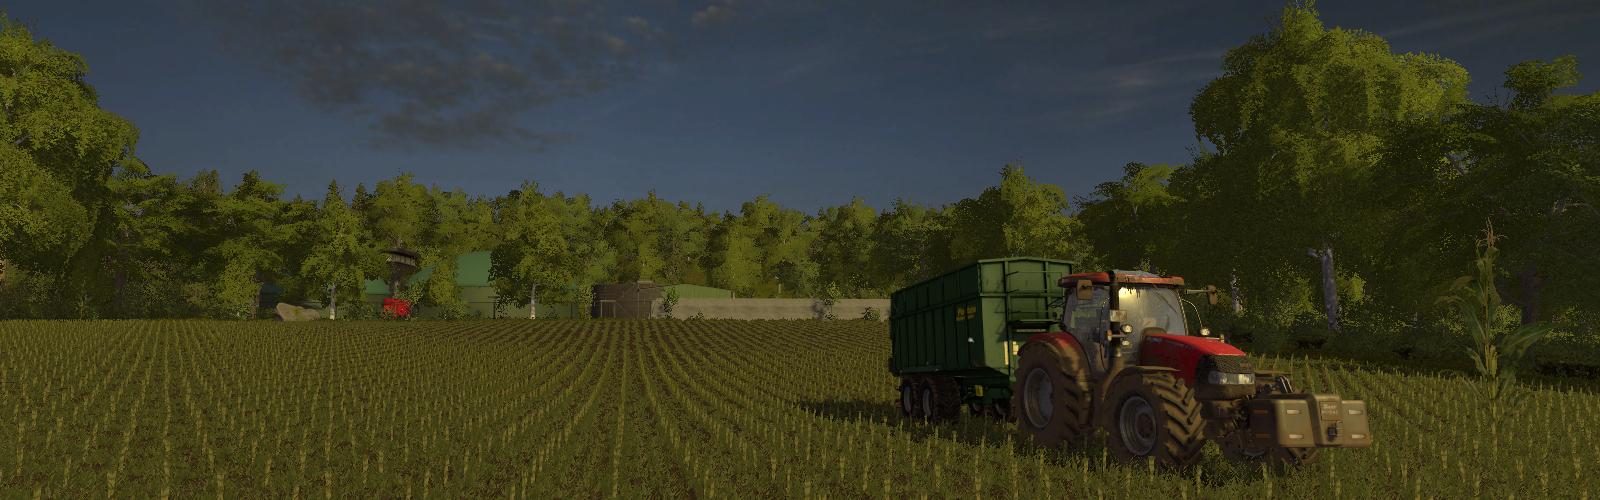 Hermanns Eck - Willkommen im grünen Tal